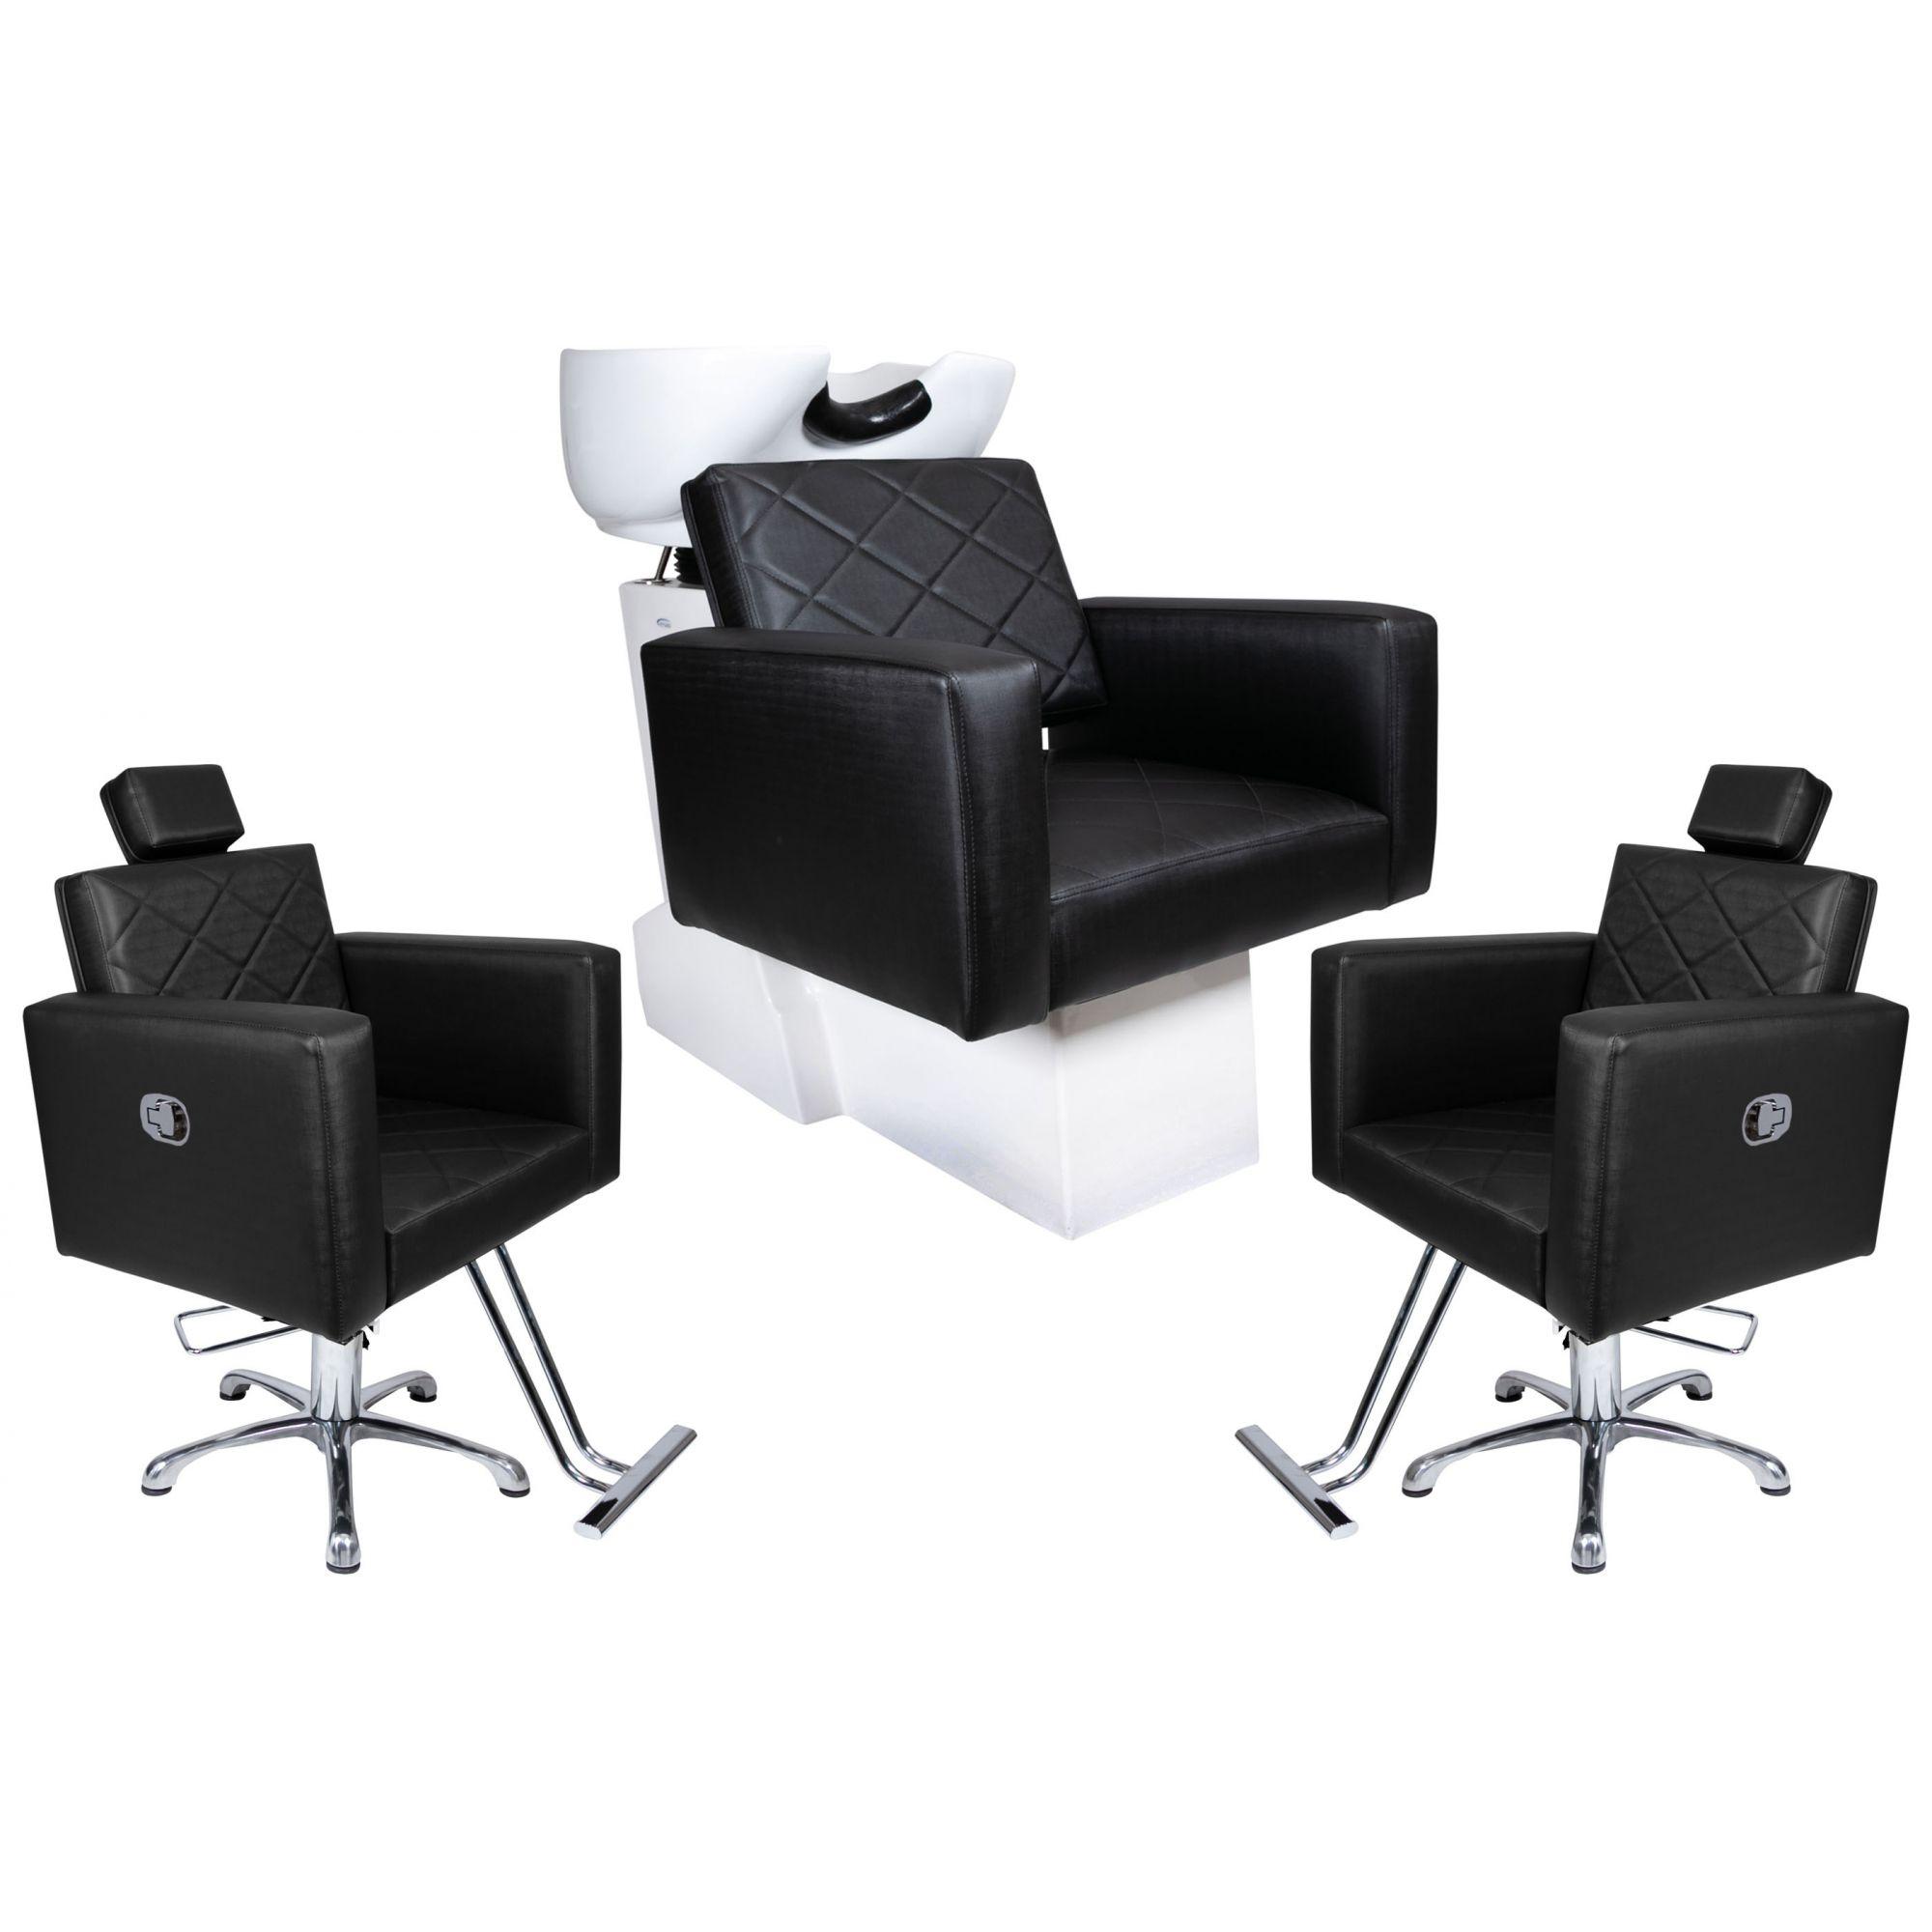 KIT Evidence - 2 Cadeiras Reclináveis + 1 Lavatório